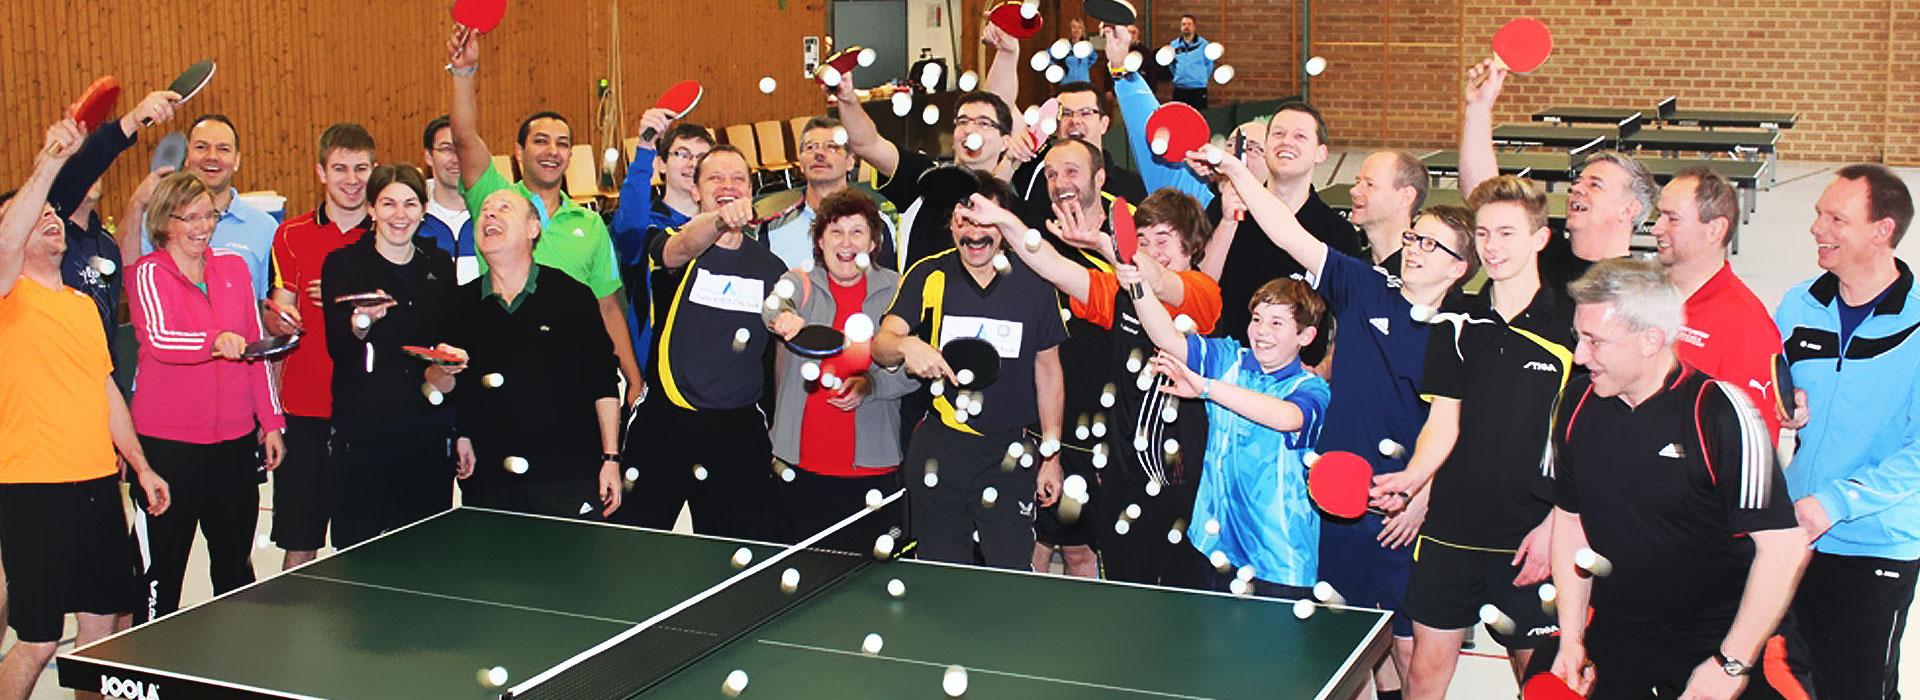 Profitöre - Tischtennis-Institut Thomas Dick